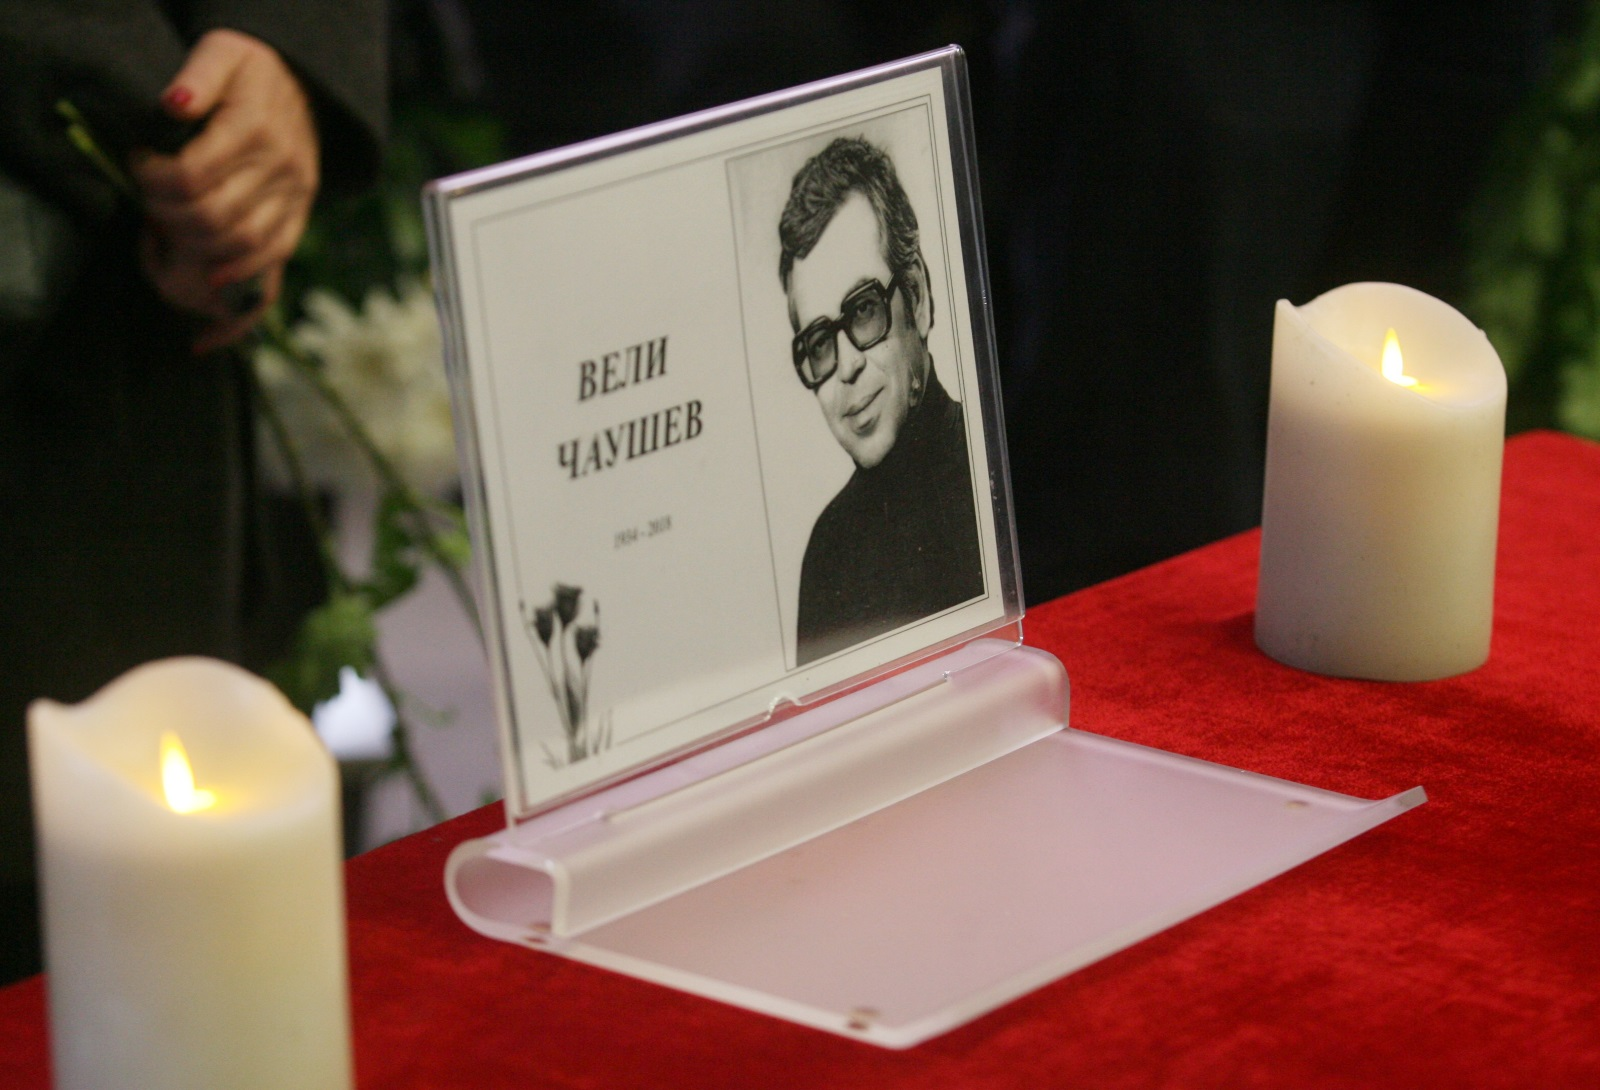 """Вели Чаушев (1934-2018)<br /> Още в първите дни на новата година почина известният актьор Вели Чаушев. Актьорът е сред доайените на Сатирата, където играе от 1961 г. В последните години нашумяха моноспектаклите му по стихове на Валери Петров """"Разтворен прозорец"""" и """"Сърцето е заложна къща""""."""